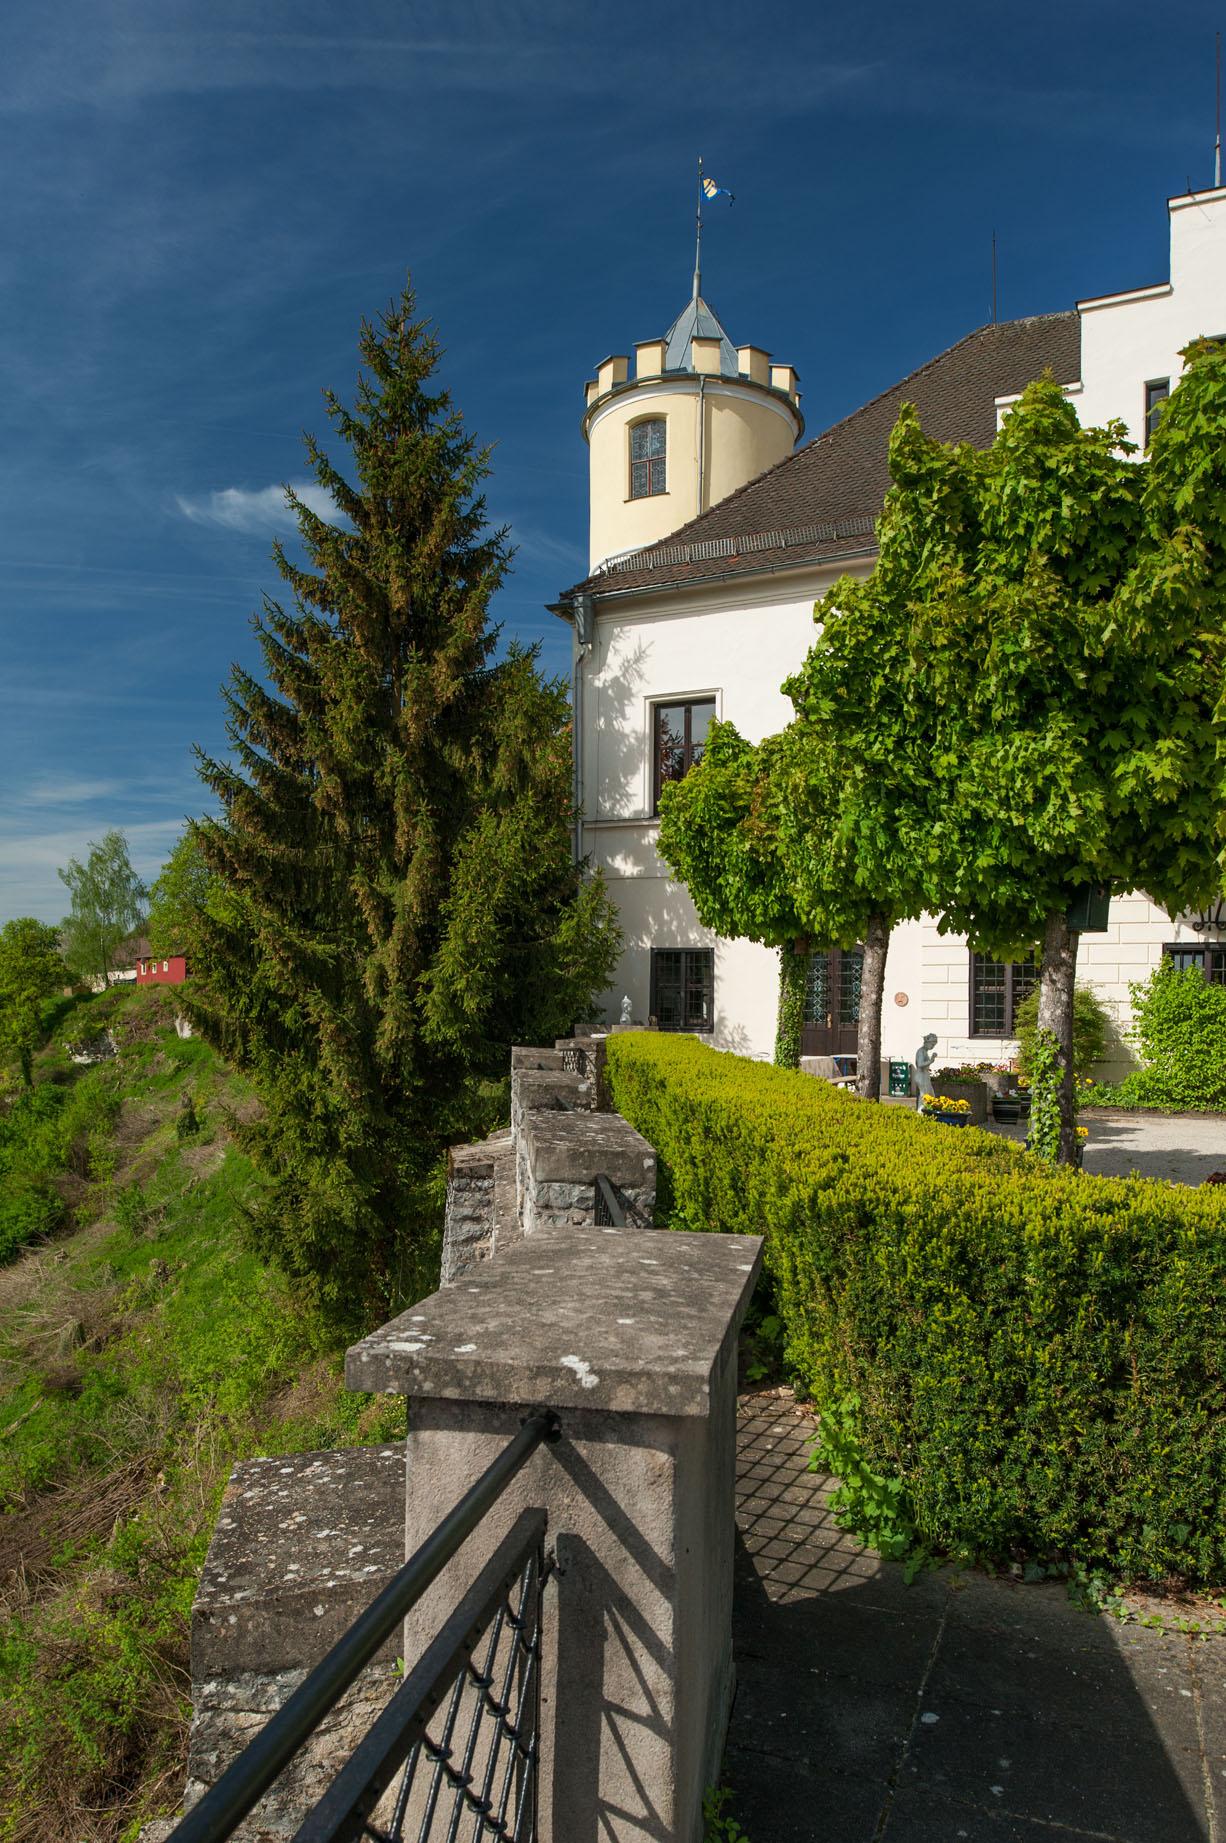 Toren Schloss Möhren